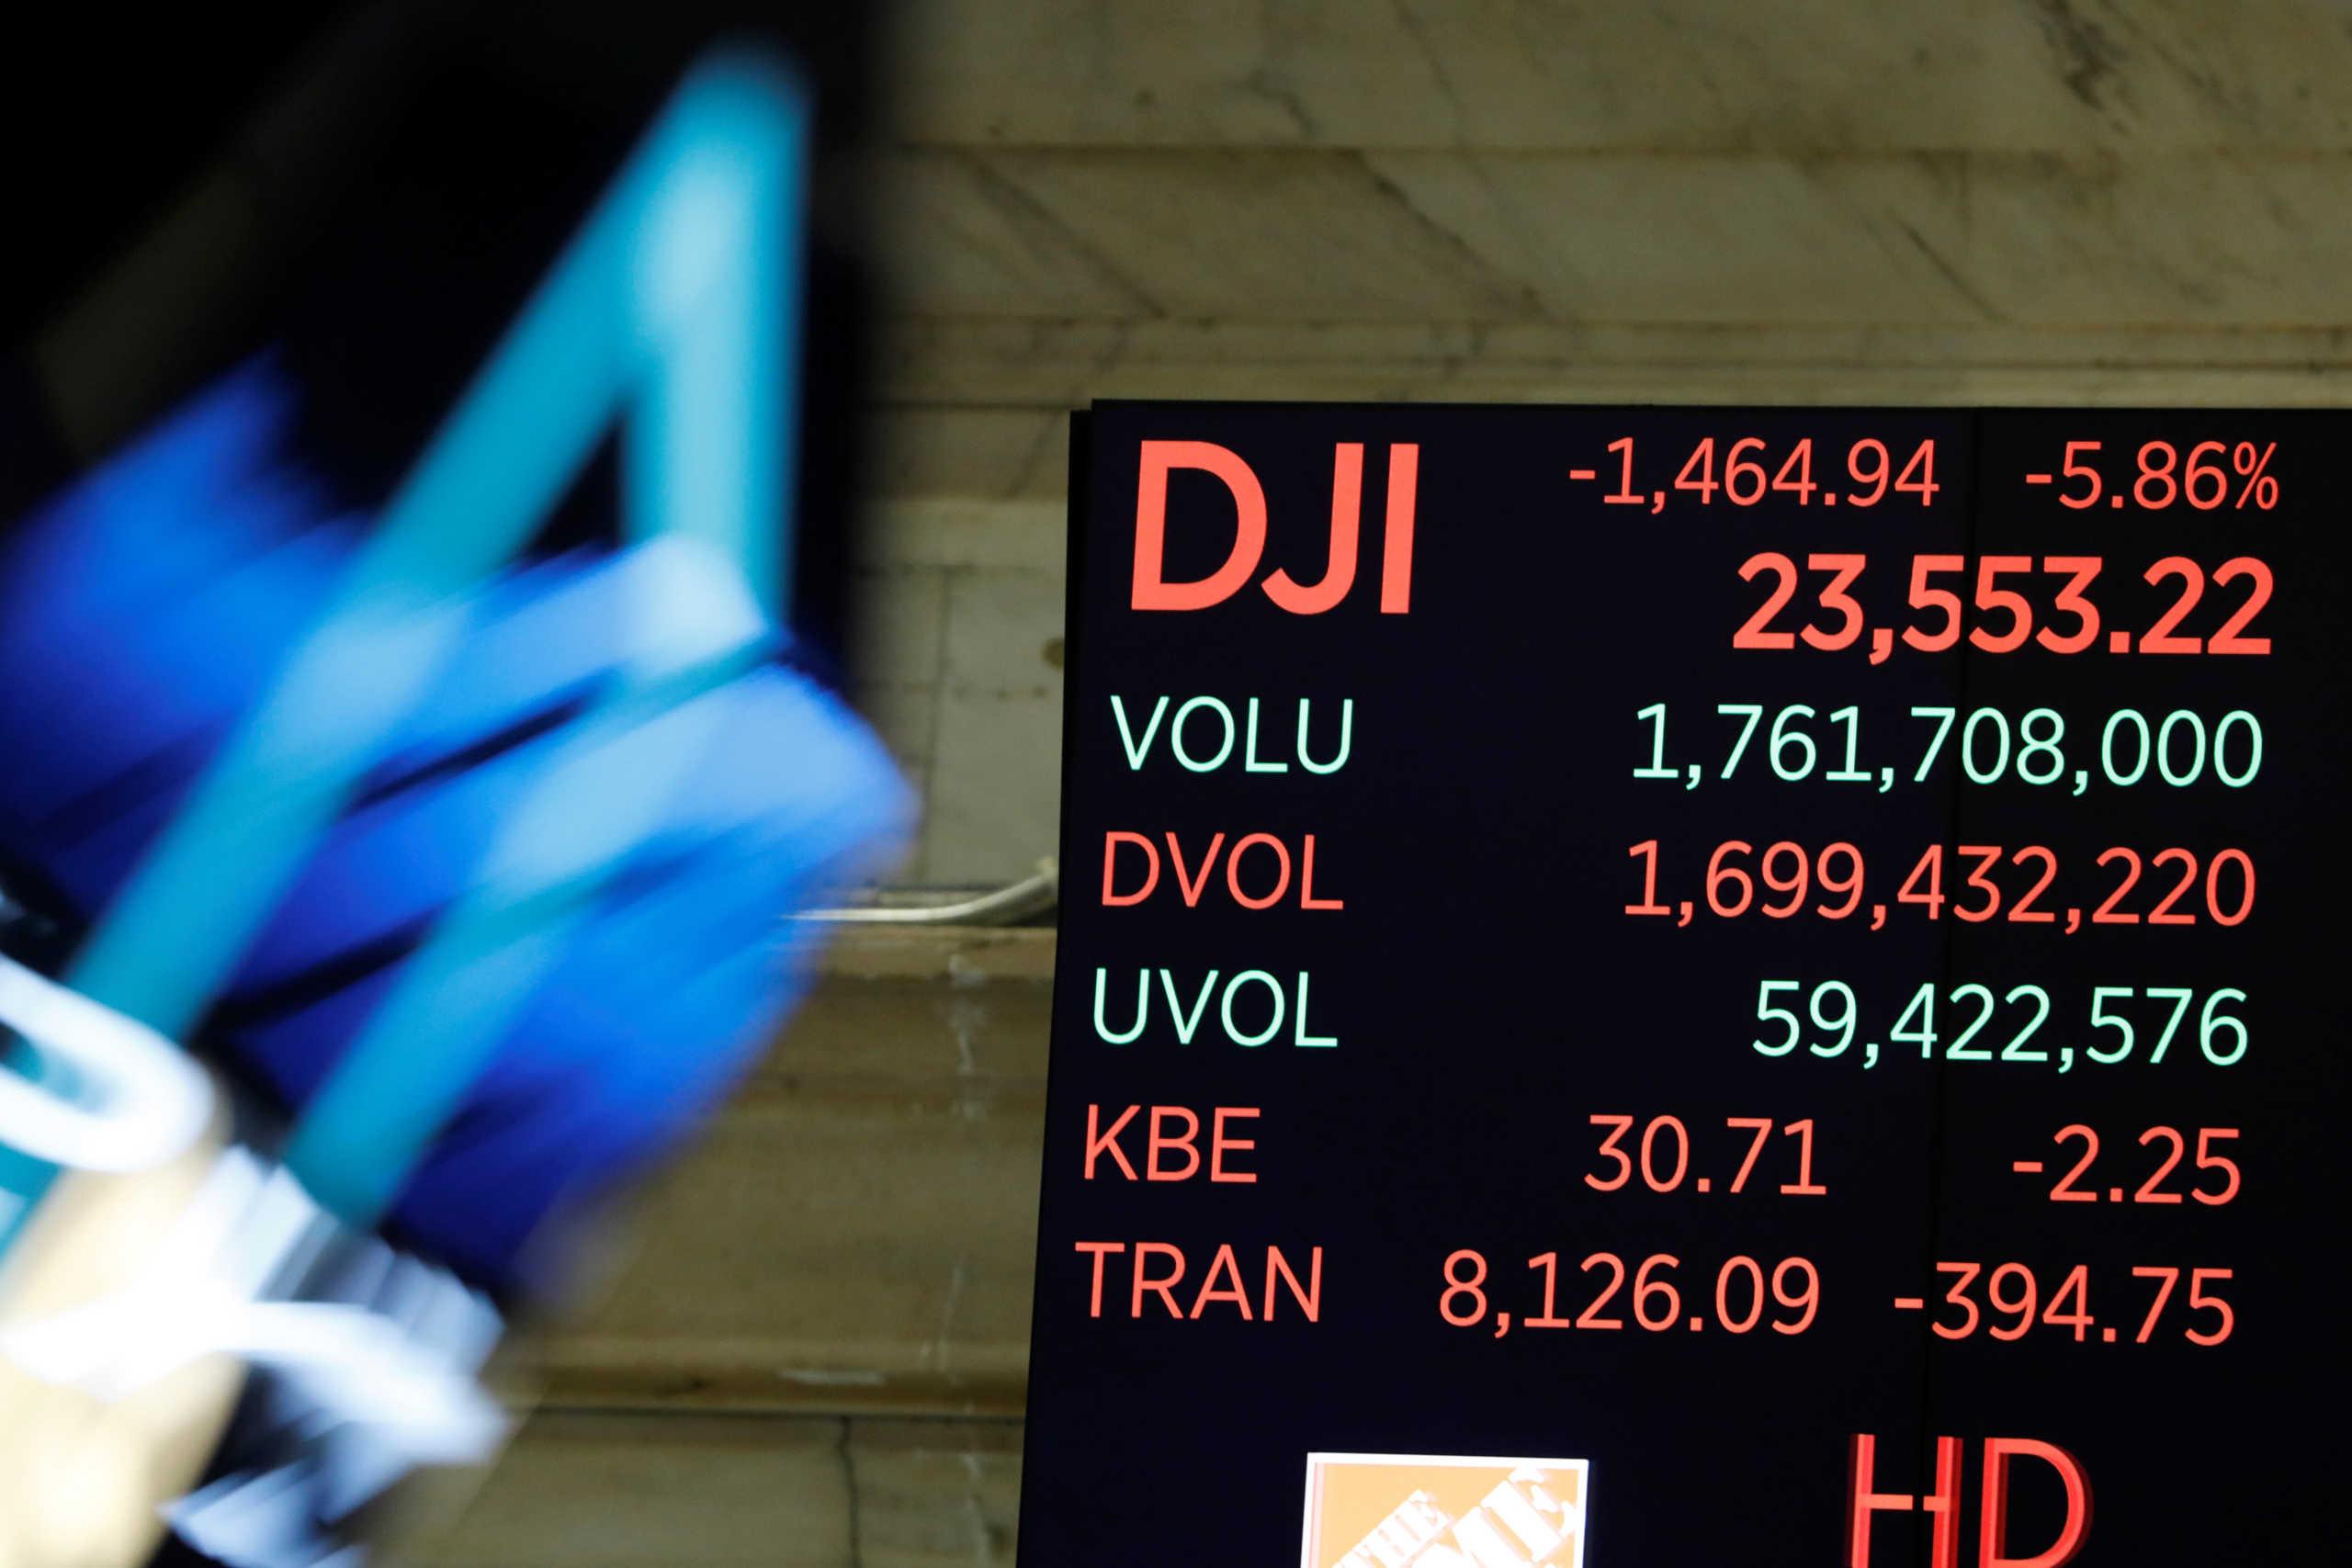 Καταποντίστηκε η Wall Street! Με απώλειες 4,55% έκλεισε ο Dow Jones